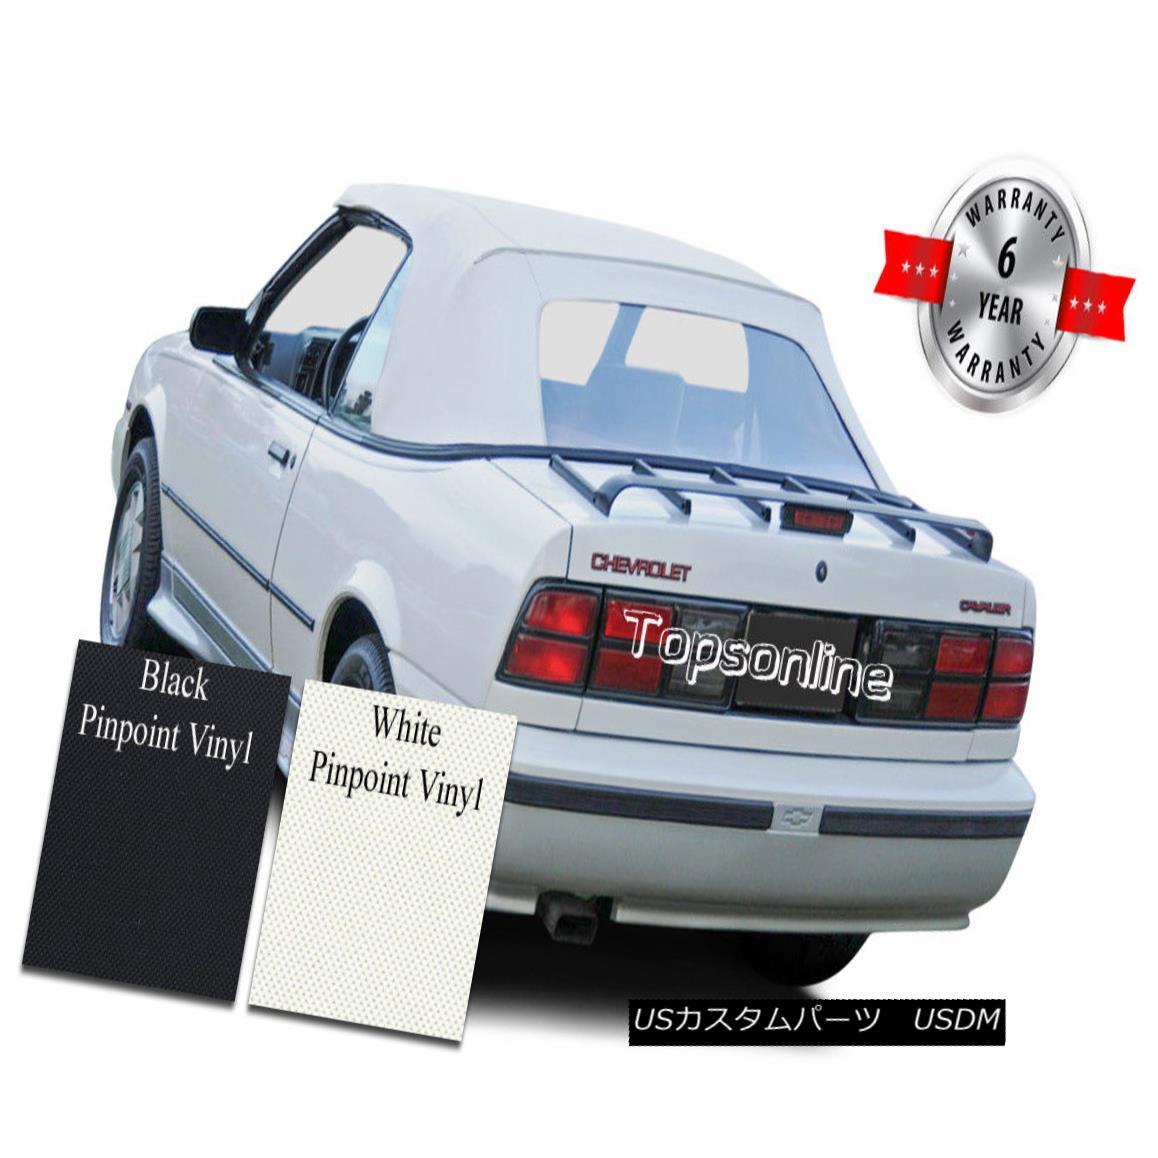 幌・ソフトトップ Cavalier & Sunbird Convertible Soft Top With Plastic Window & Video Vinyl 88-92 キャバリアー& サンバード・コンバーチブル・ソフト・トップ(プラスチック・ウィンドウ& ビデオビニール88-92